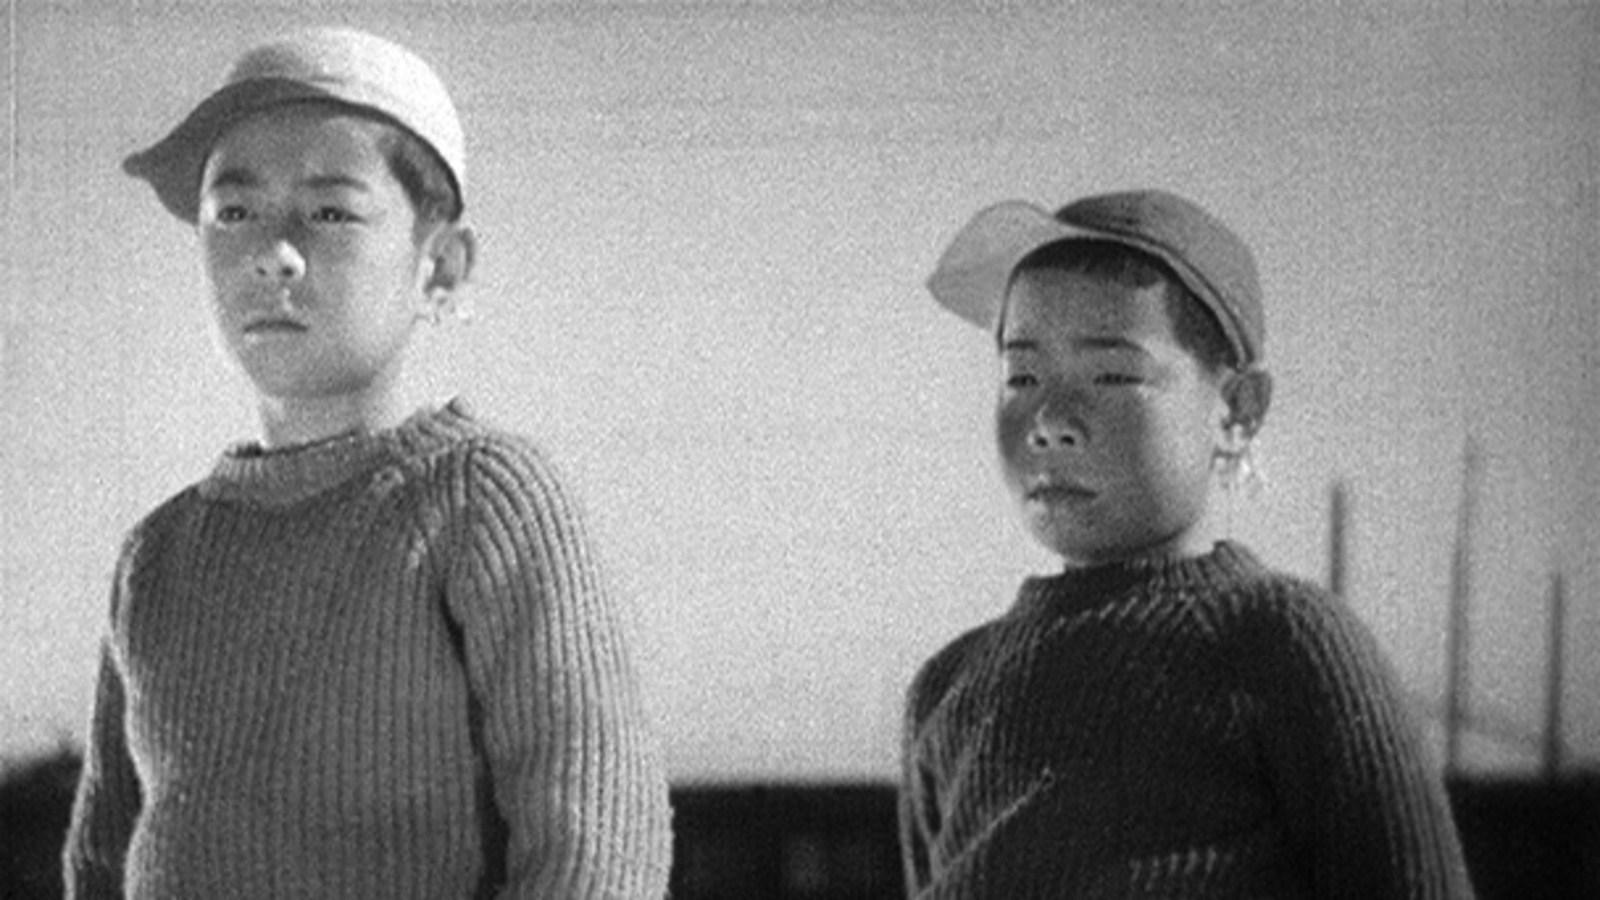 Silent Ozu